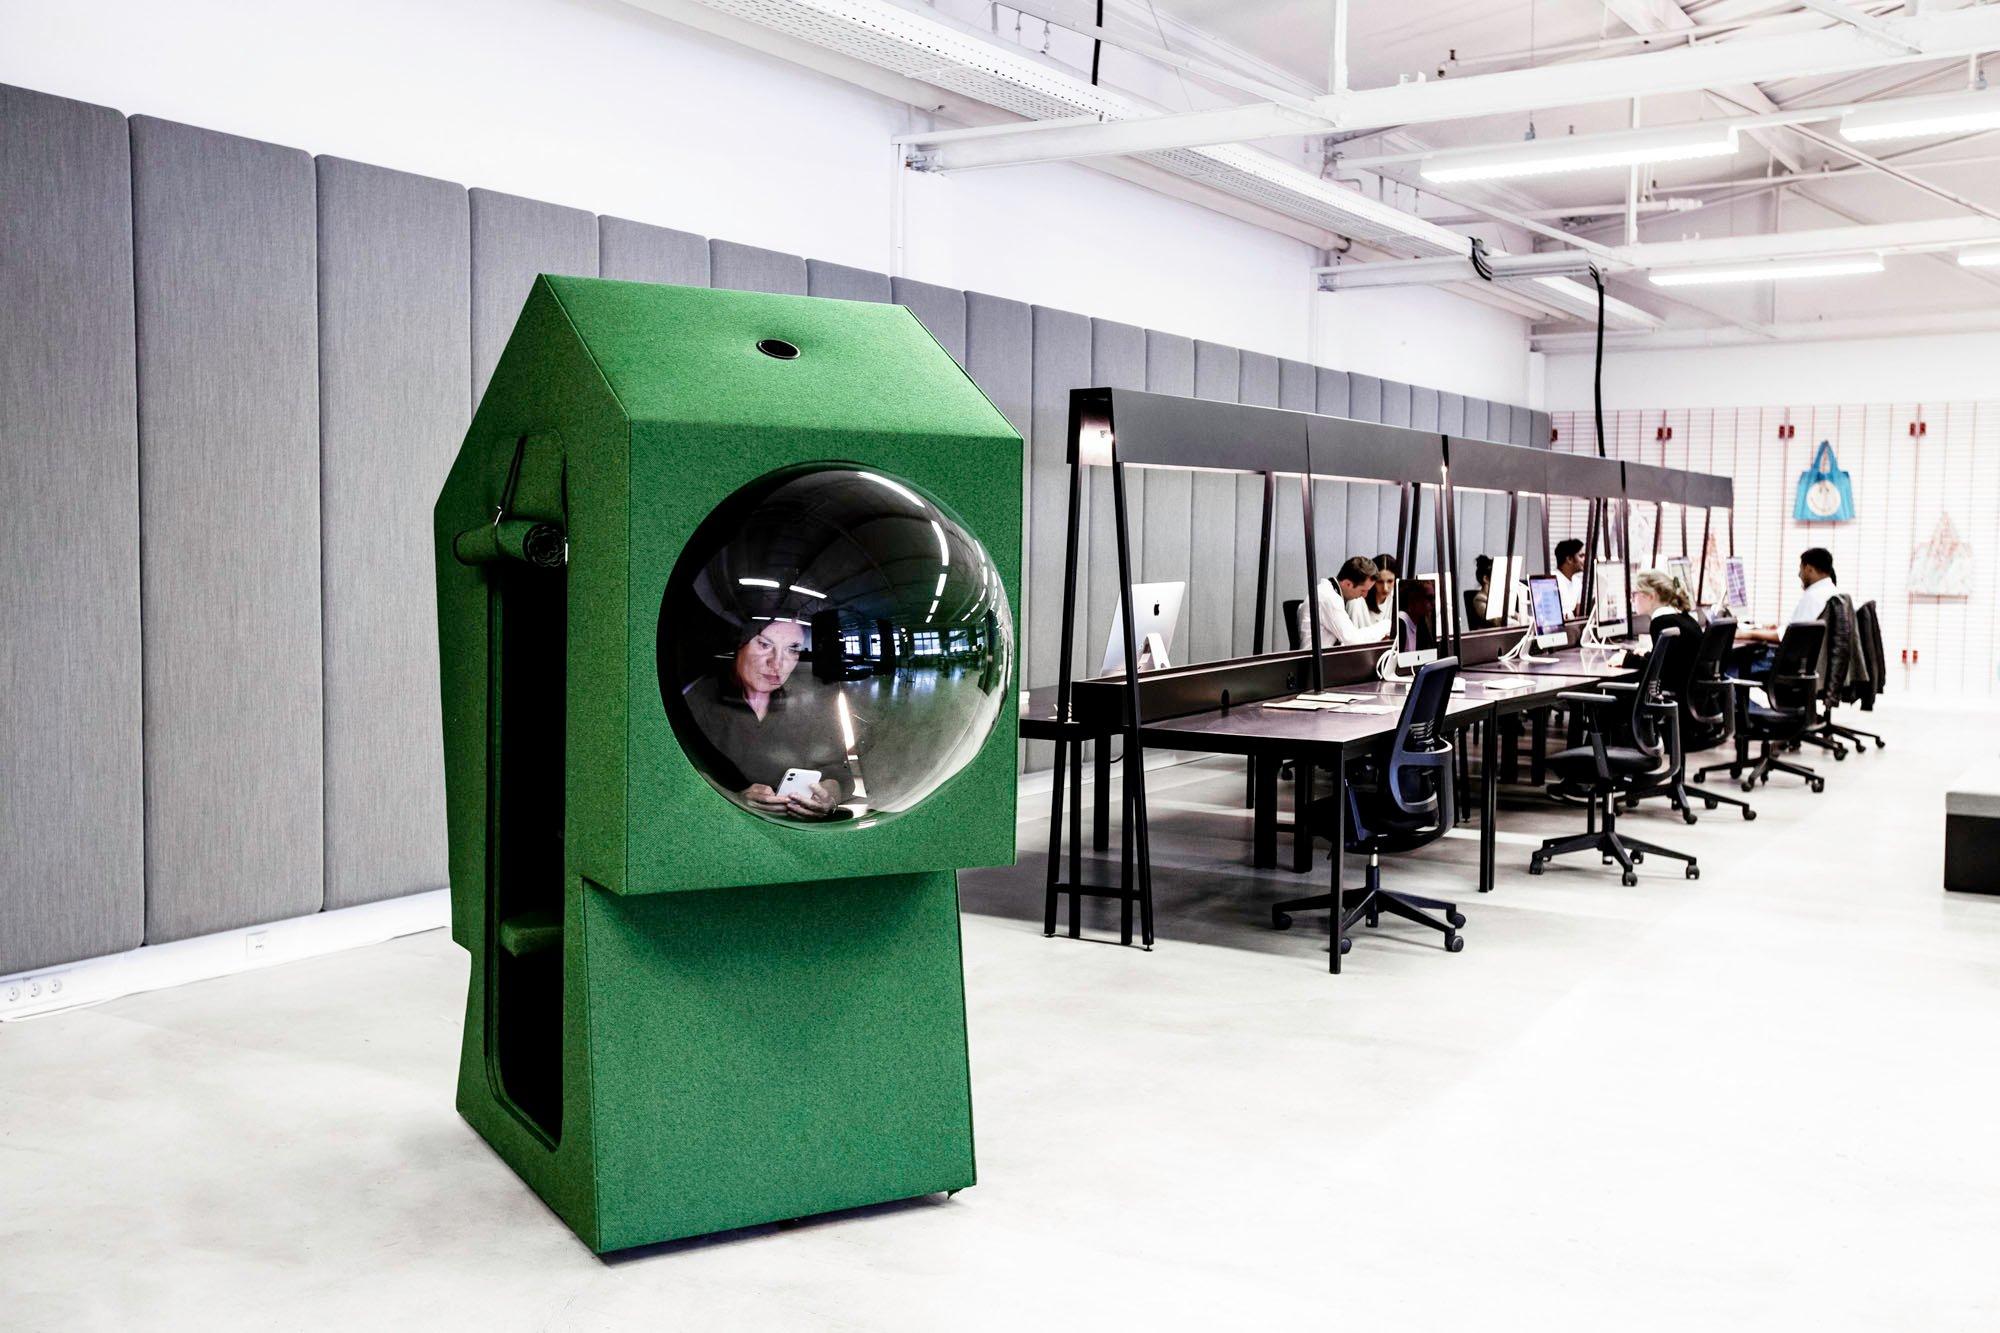 Monochrom in grün oder blau gehaltene Work Capsules stehen frei im Raum. Die Micro-Architekturen von Studio Aisslinger bilden einen Arbeitsplatz für eine Person mit gepolstertem Sitz und Schreibtisch.